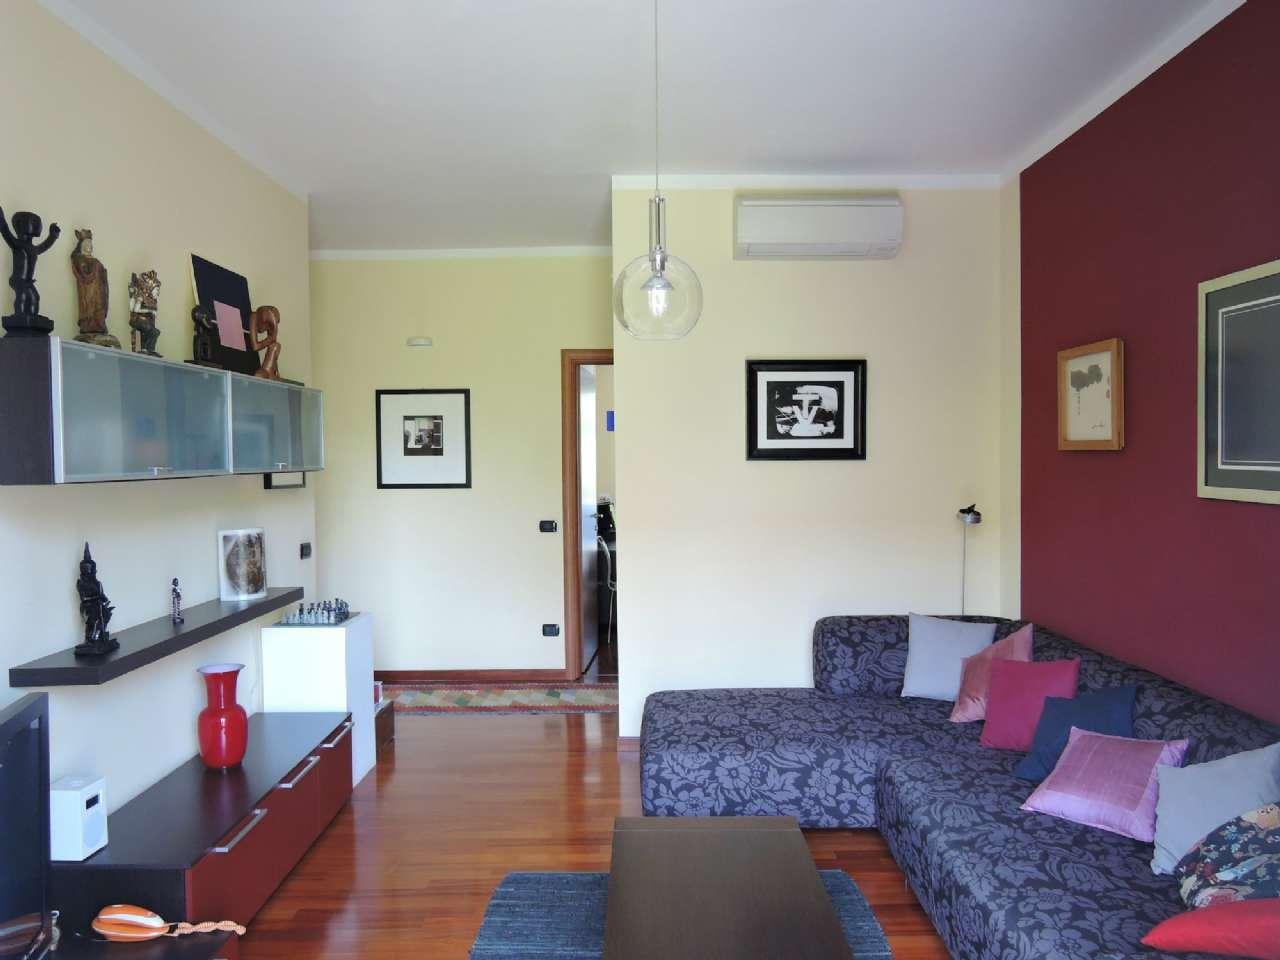 Appartamento in vendita a Milano, 3 locali, zona Zona: 14 . Lotto, Novara, San Siro, QT8 , Montestella, Rembrandt, prezzo € 295.000 | CambioCasa.it